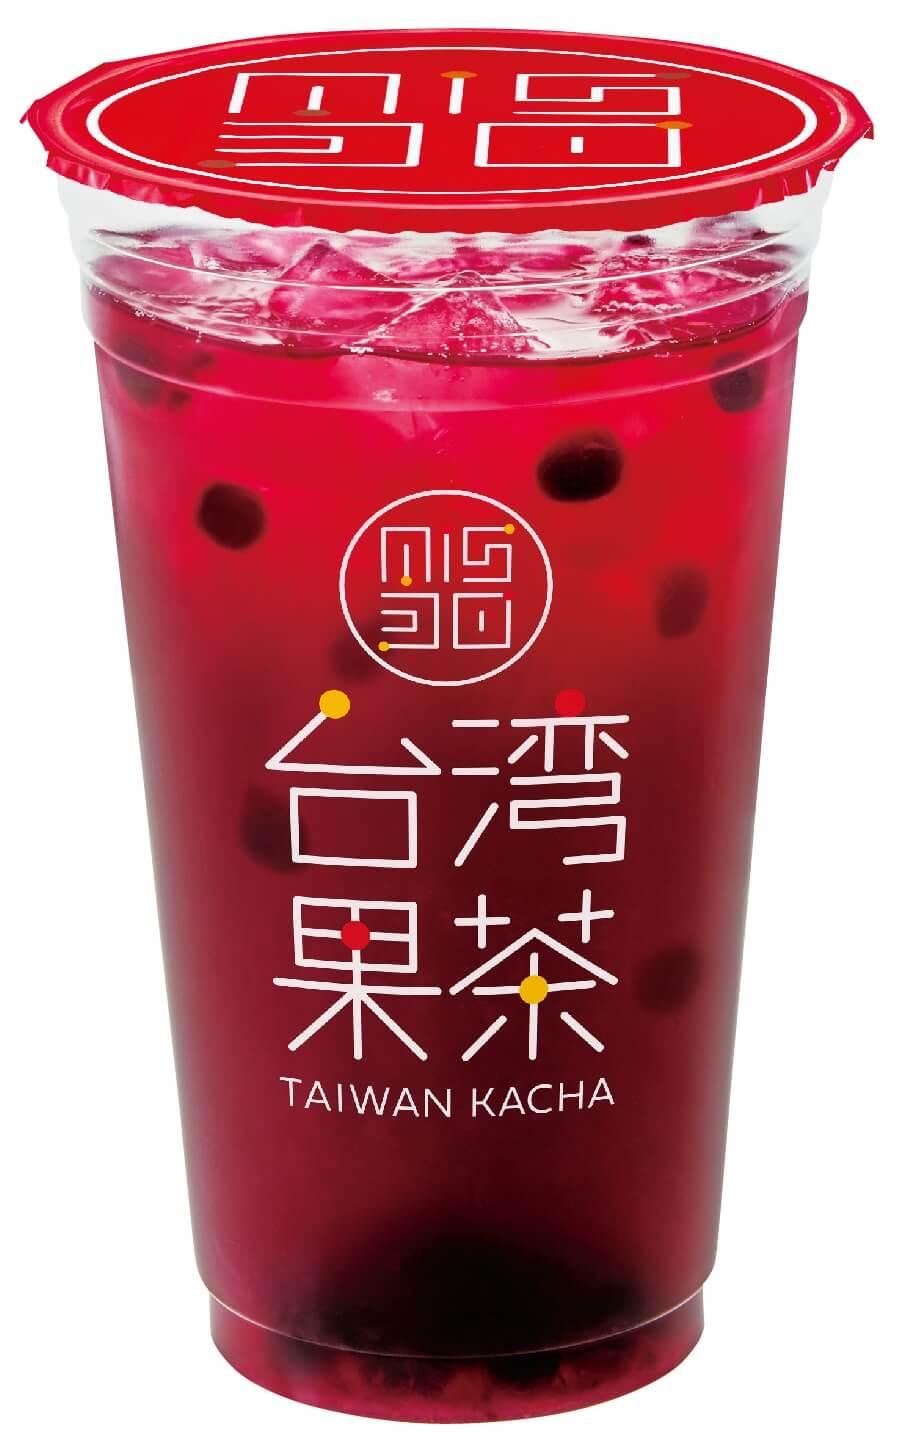 ミスタードーナツ『台湾果茶』-ミックスベリージャスミン